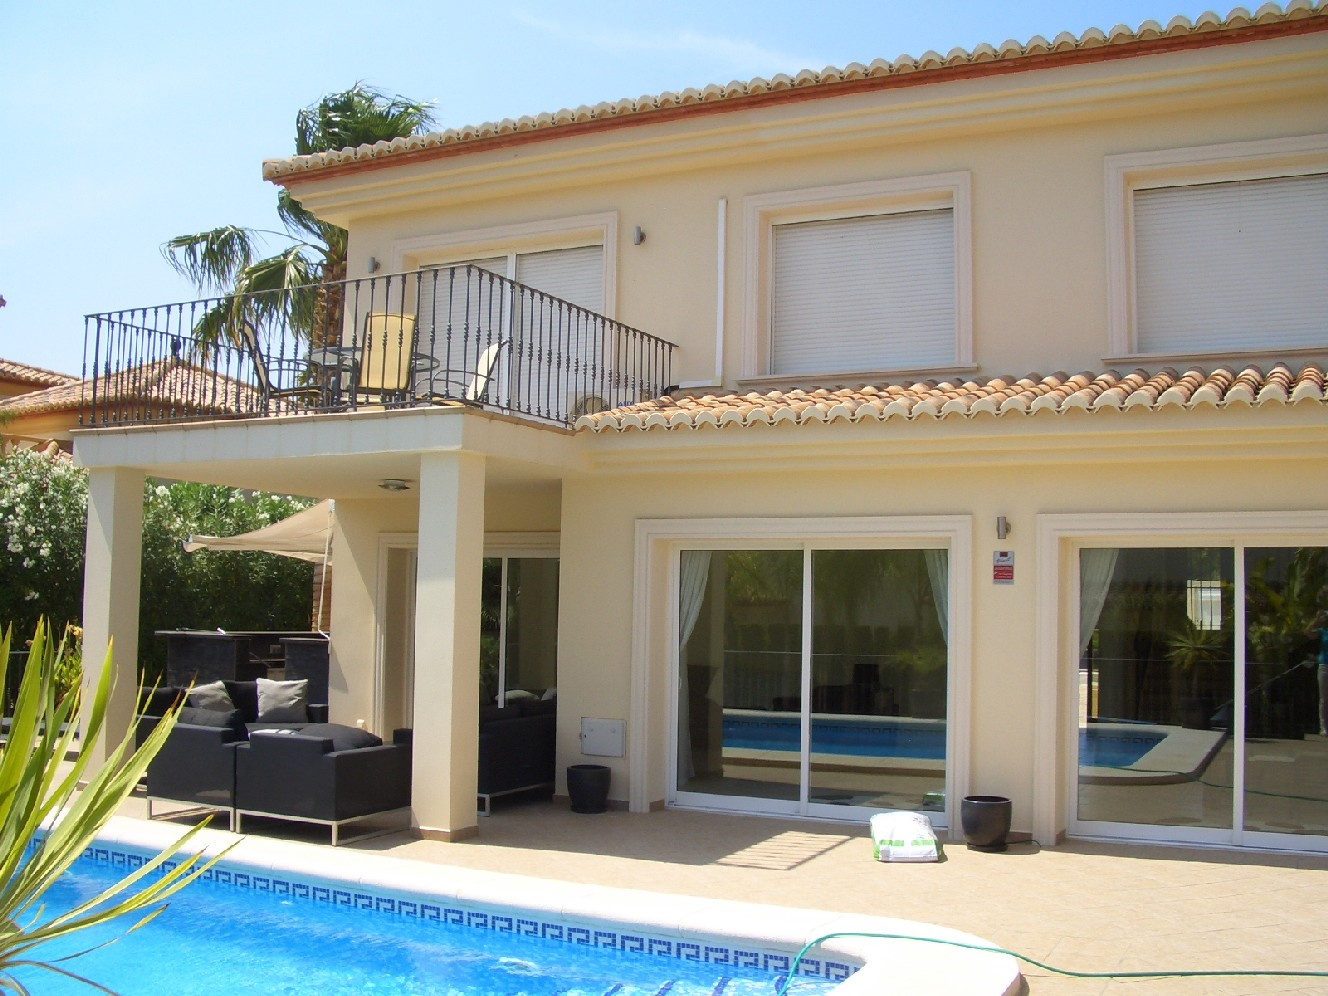 5 bedroom Villa for sale in Moraira